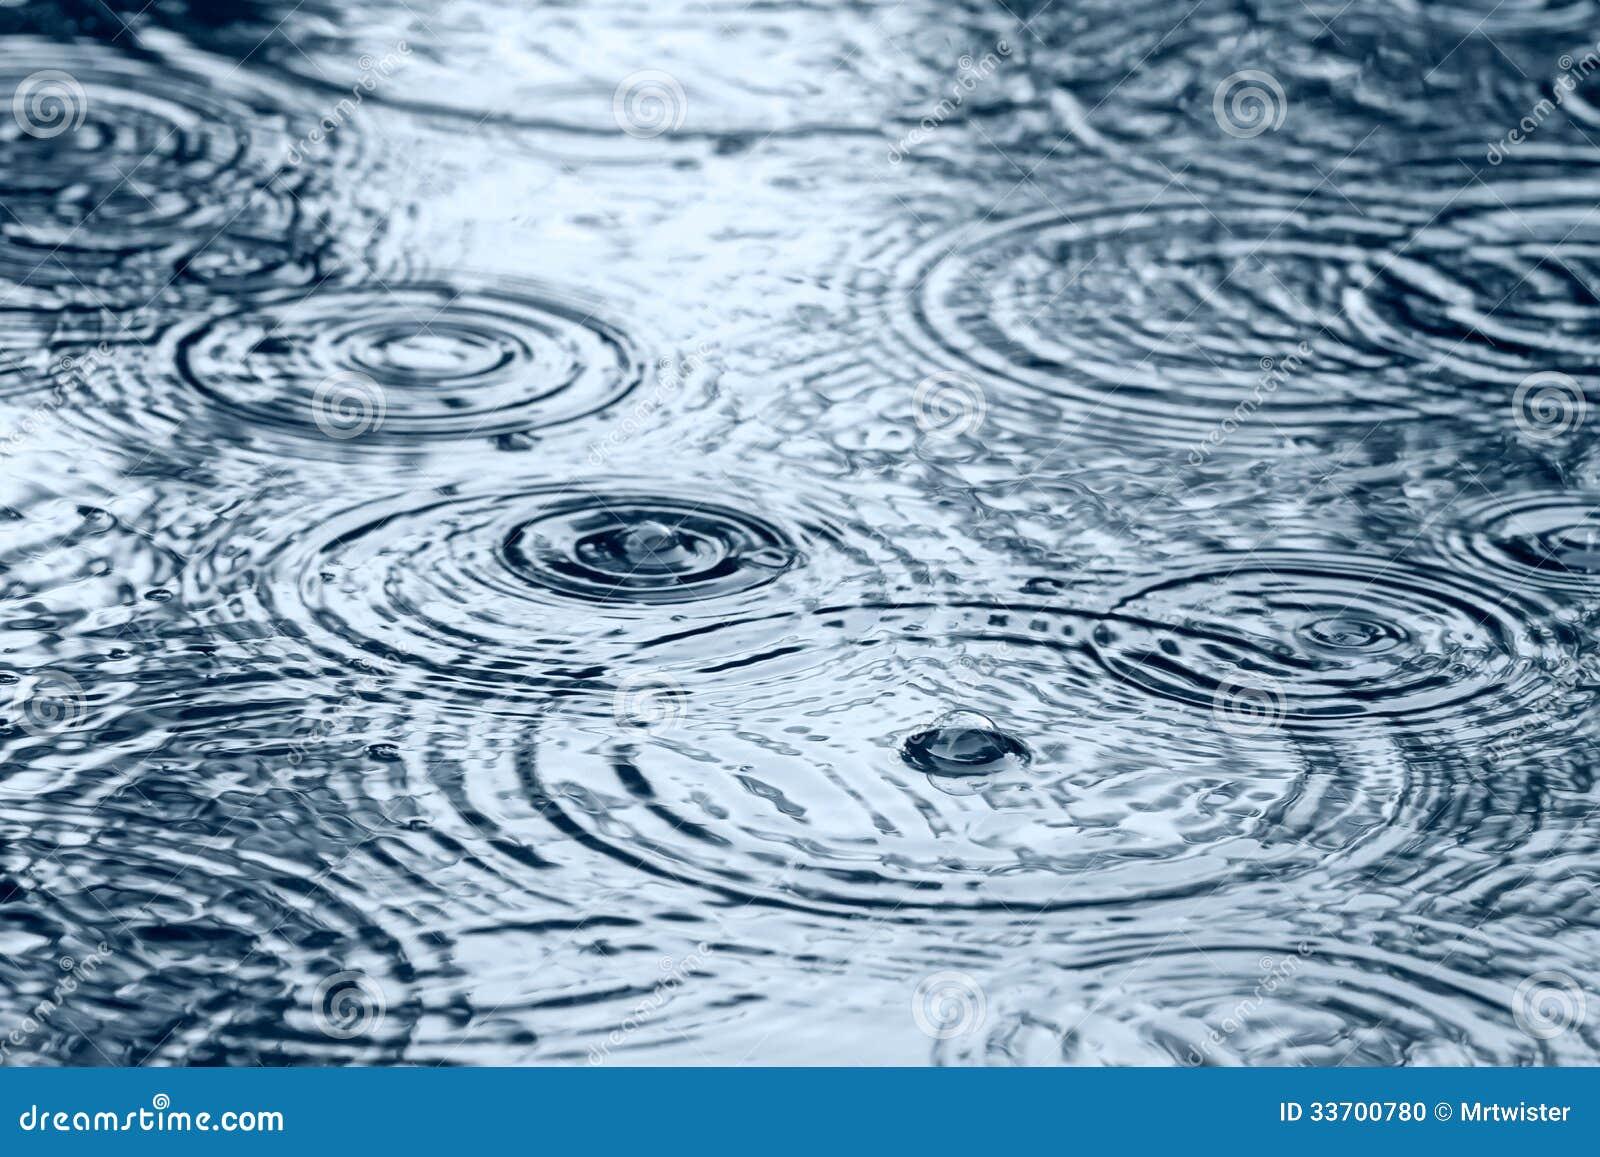 Raindrops On Puddle Stock Photo - Image: 33700780